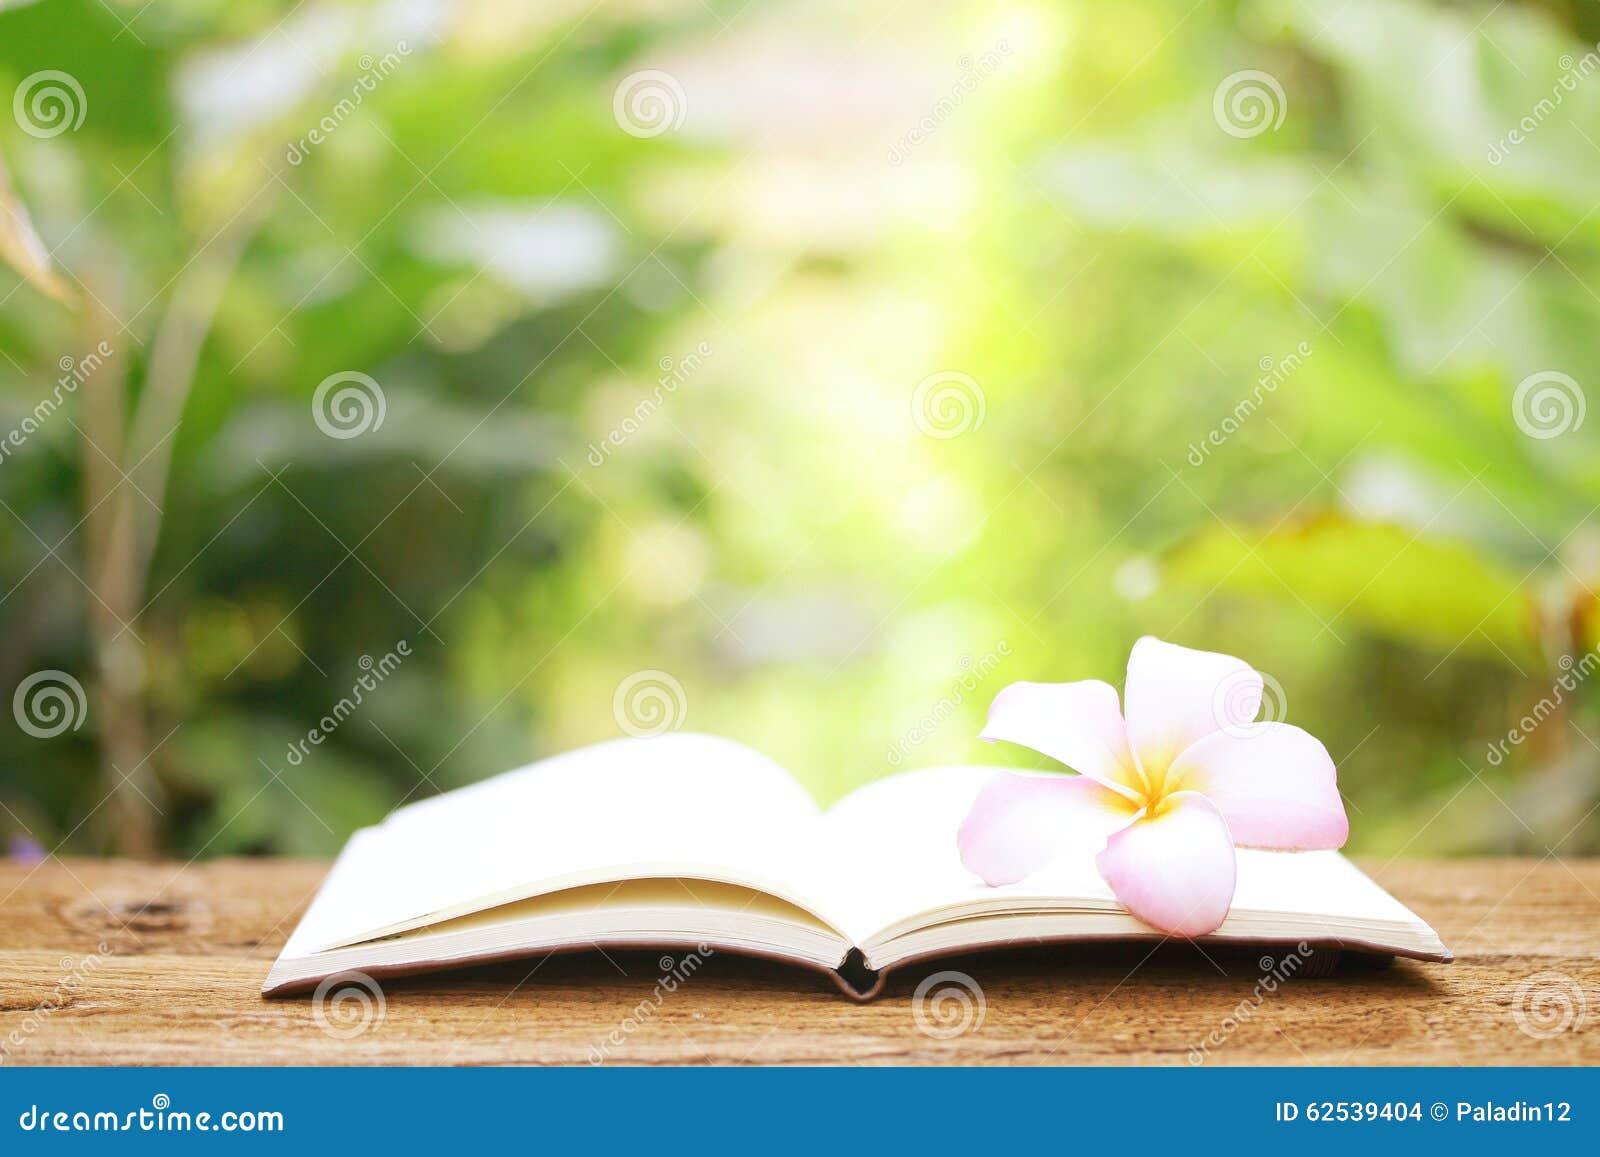 在木桌上的笔记本和赤素馨花花